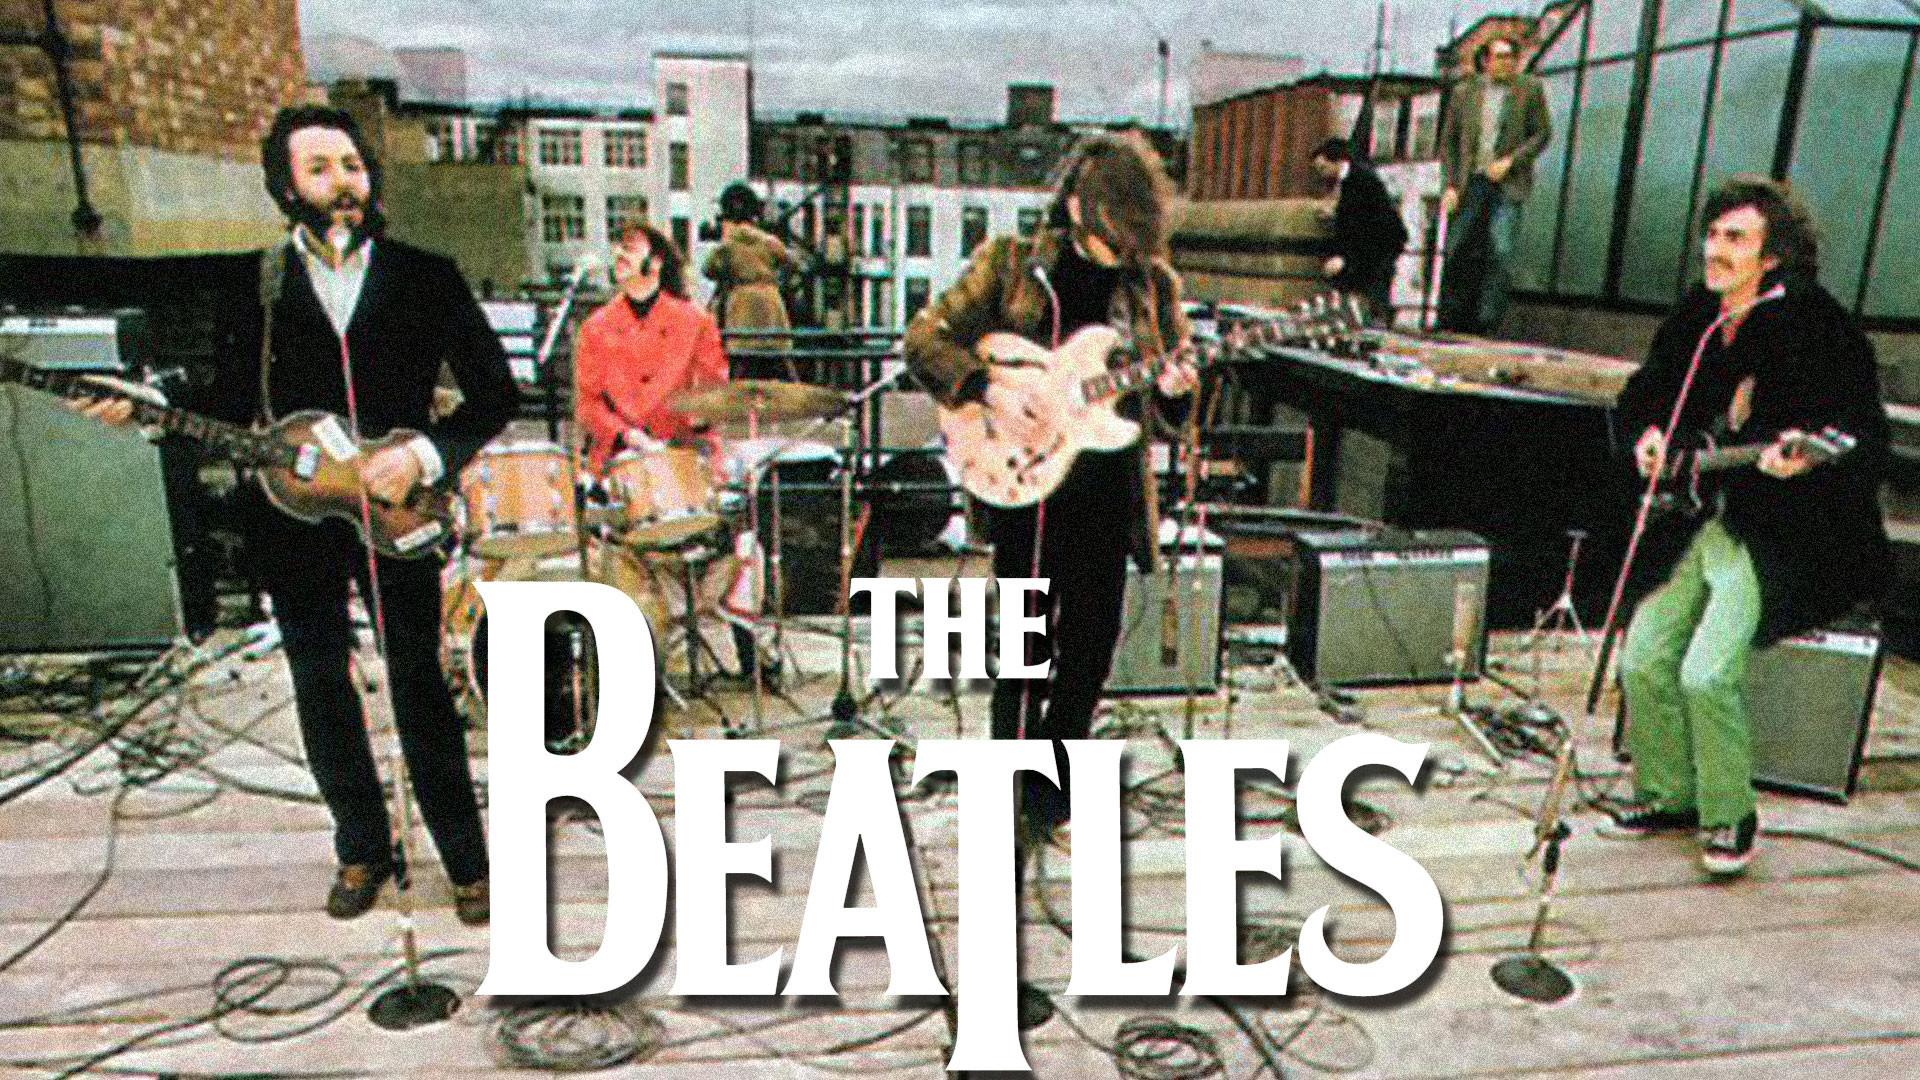 45 años del concierto de The Beatles en la azotea de Apple Corps: El gran concierto en el cielo